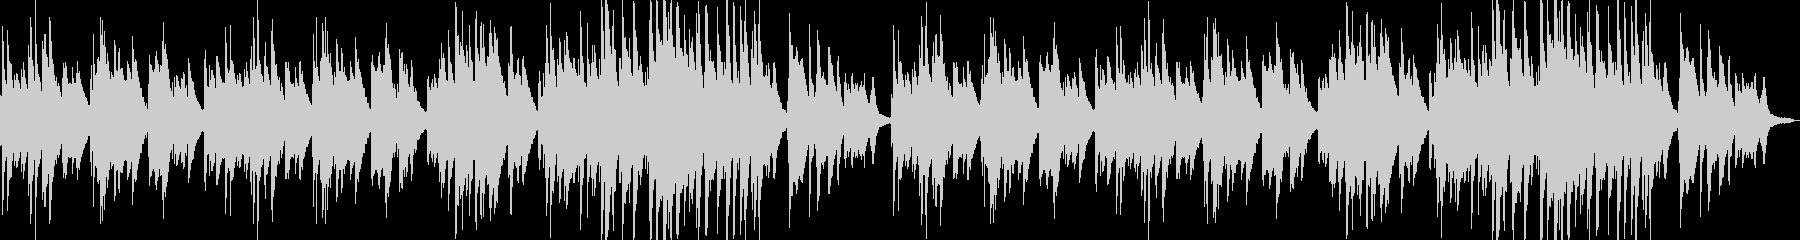 ピアノによる癒し系の曲です。の未再生の波形